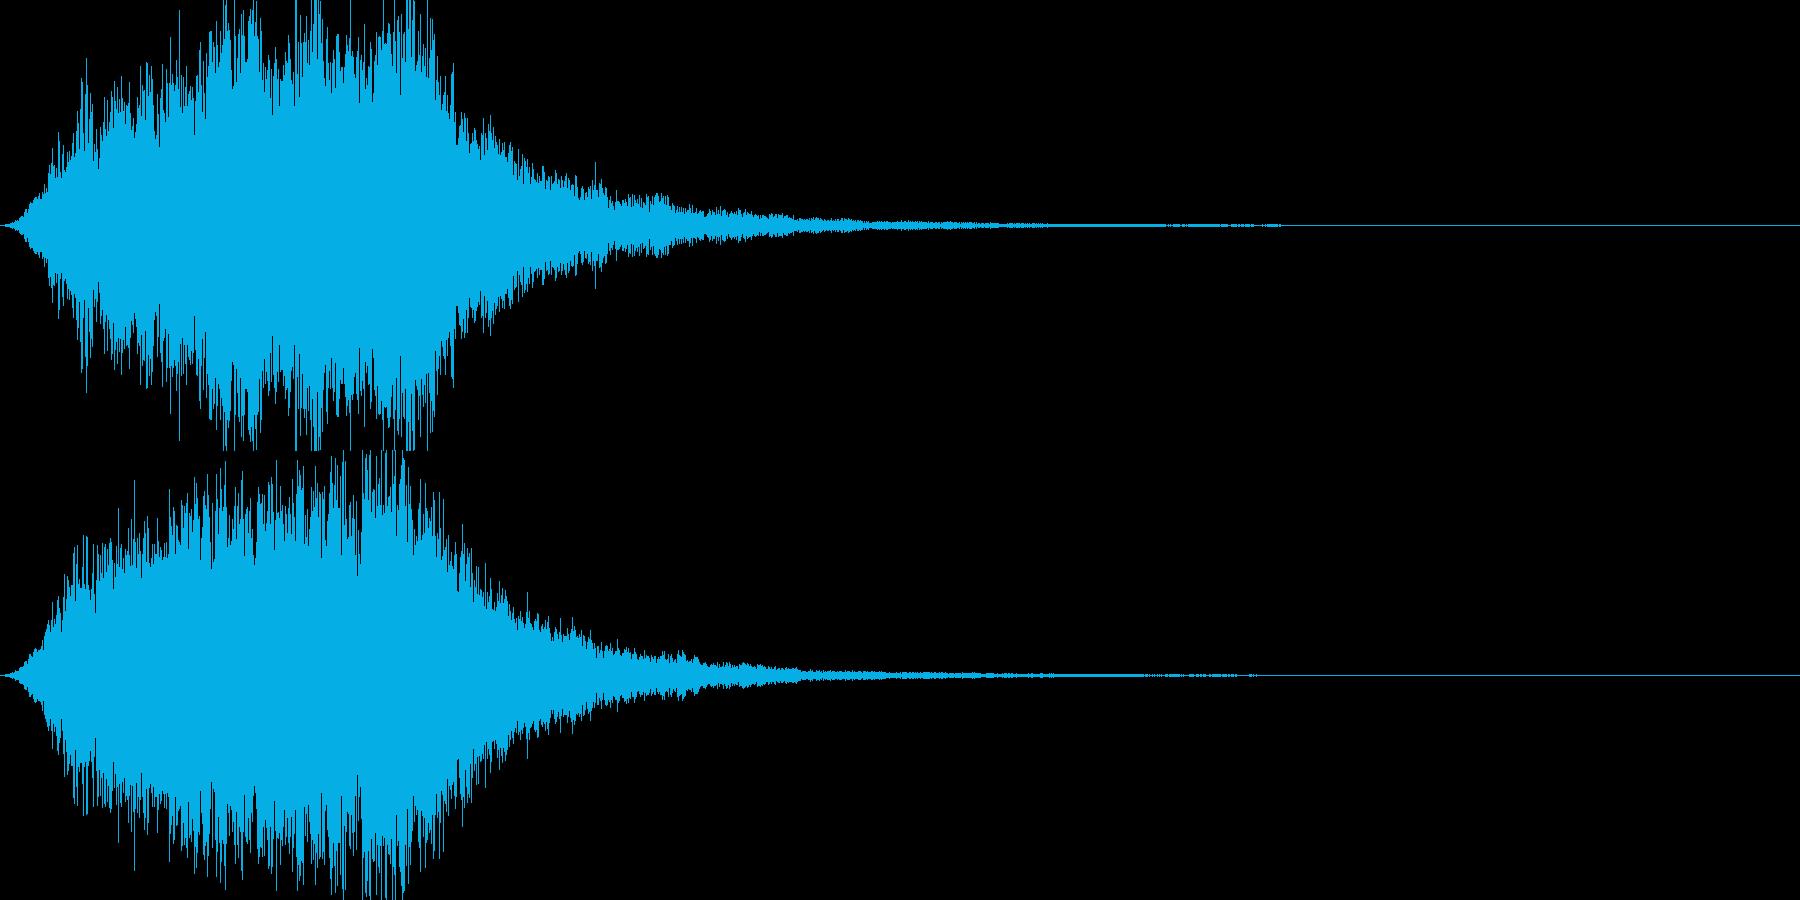 ドュワーン ホラーゲーム恐怖系SEの再生済みの波形